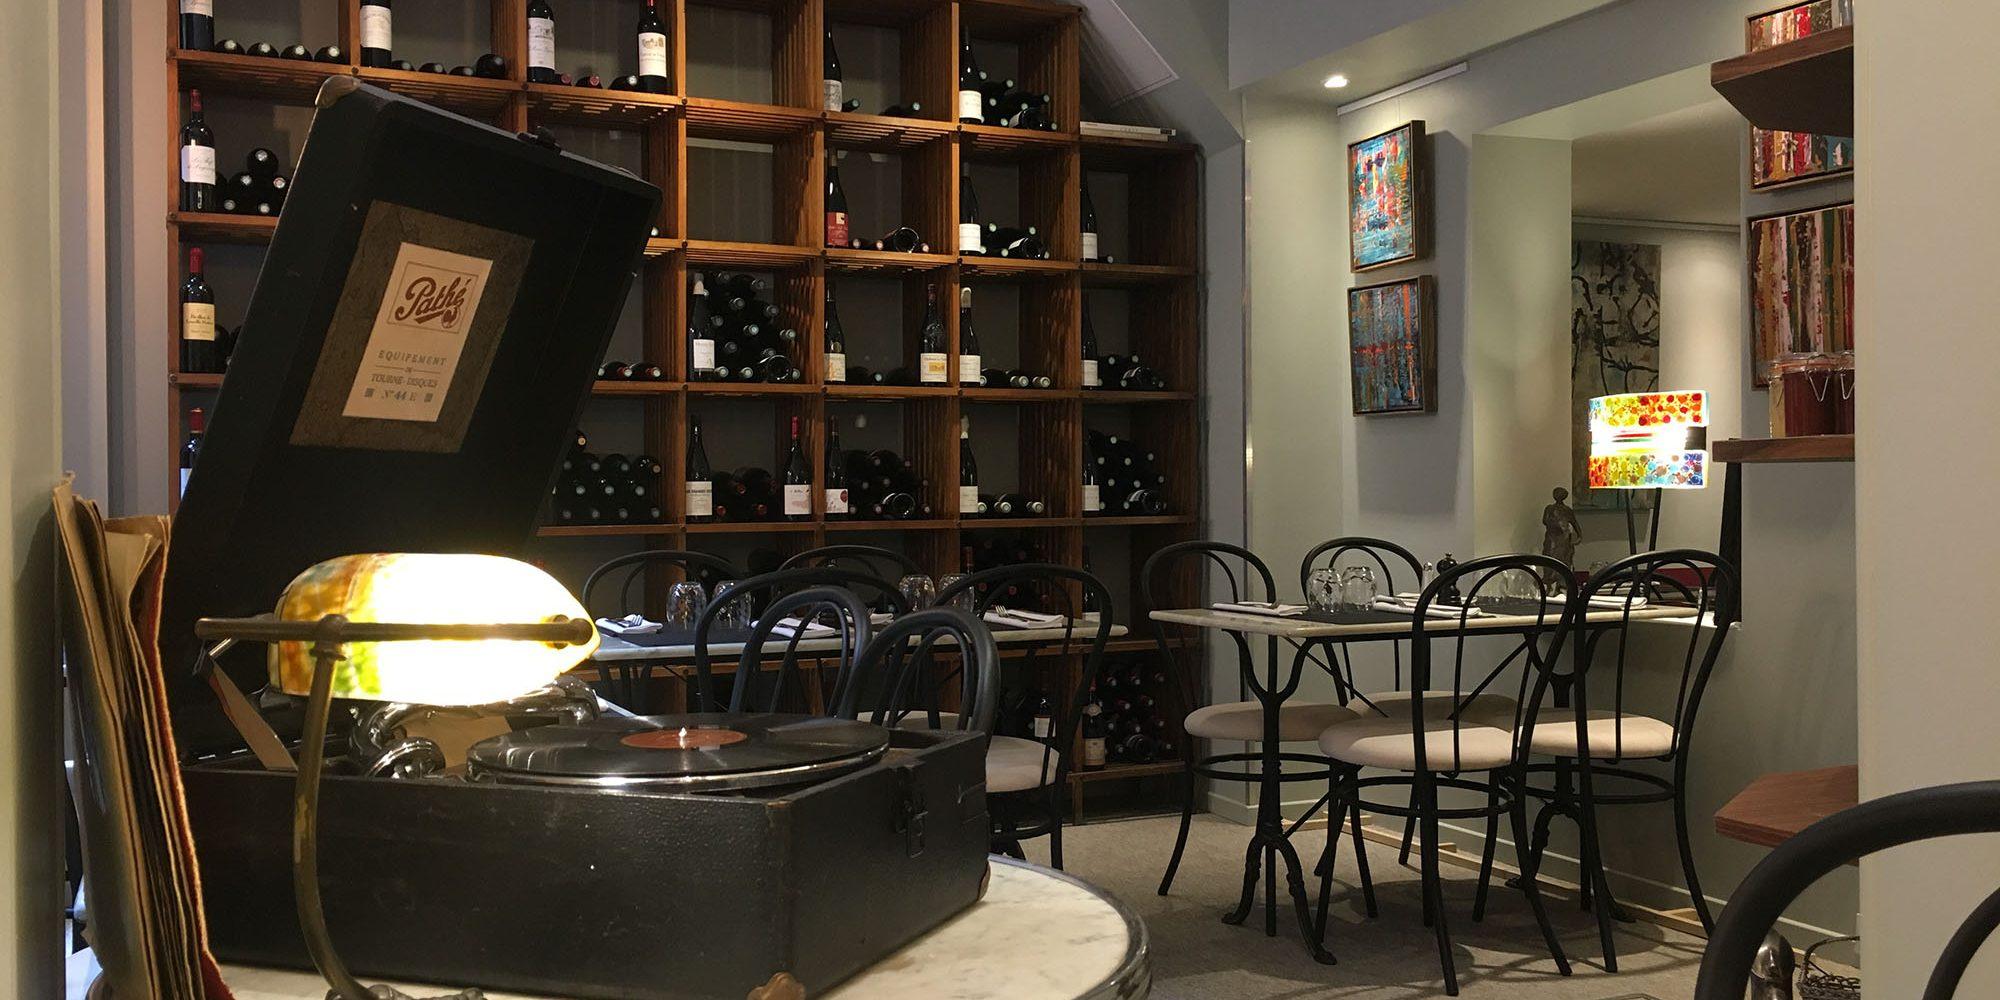 boutique-des-vins-paris-8-4